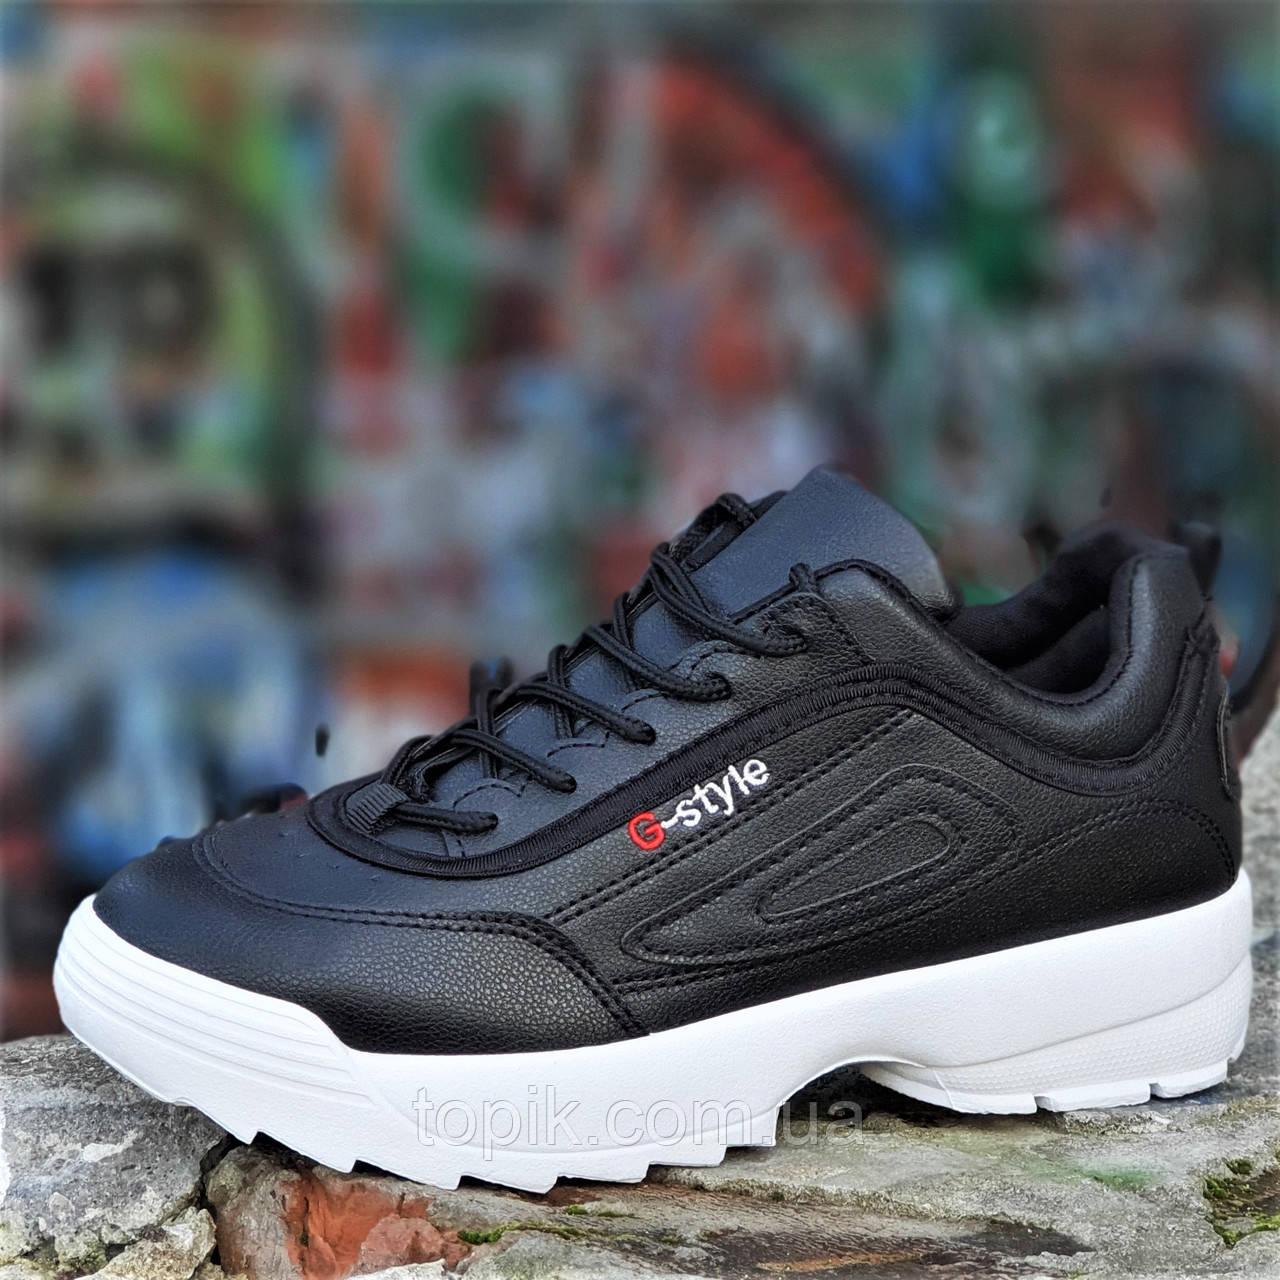 Кроссовки хайповые на платформе в стиле FILA реплика, женские, подростковые черные молодежные (Код: 1239)